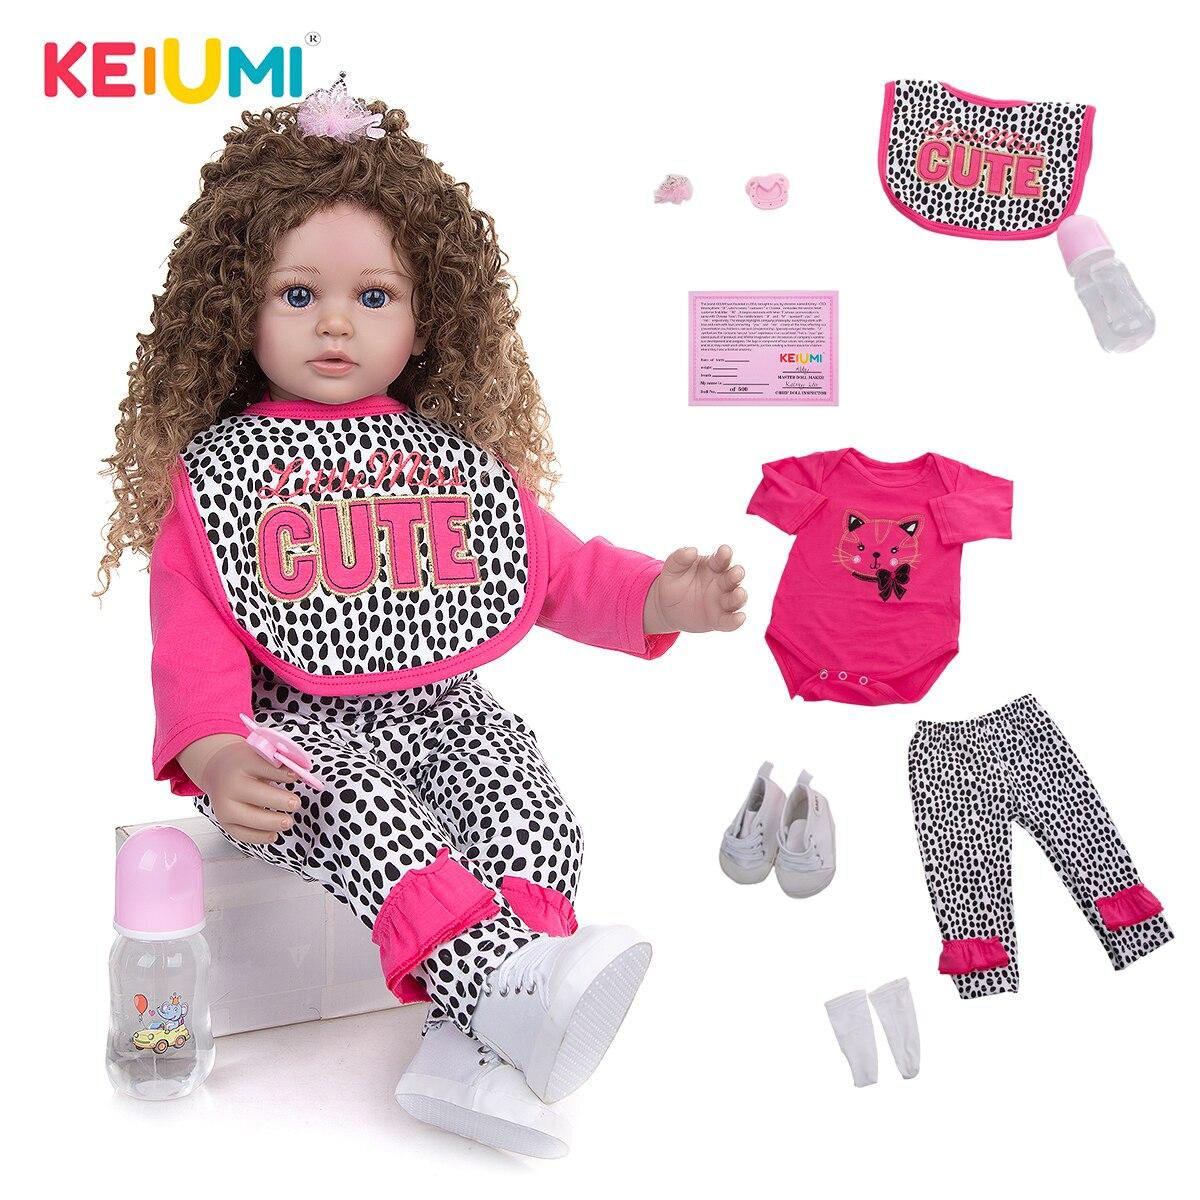 Тканевый корпус 60 см, куклы-реборн KEIUMI, модные наряды для новорожденных, детские игрушки, кукла «сделай сам», Playmate, подарок на день рождения д...